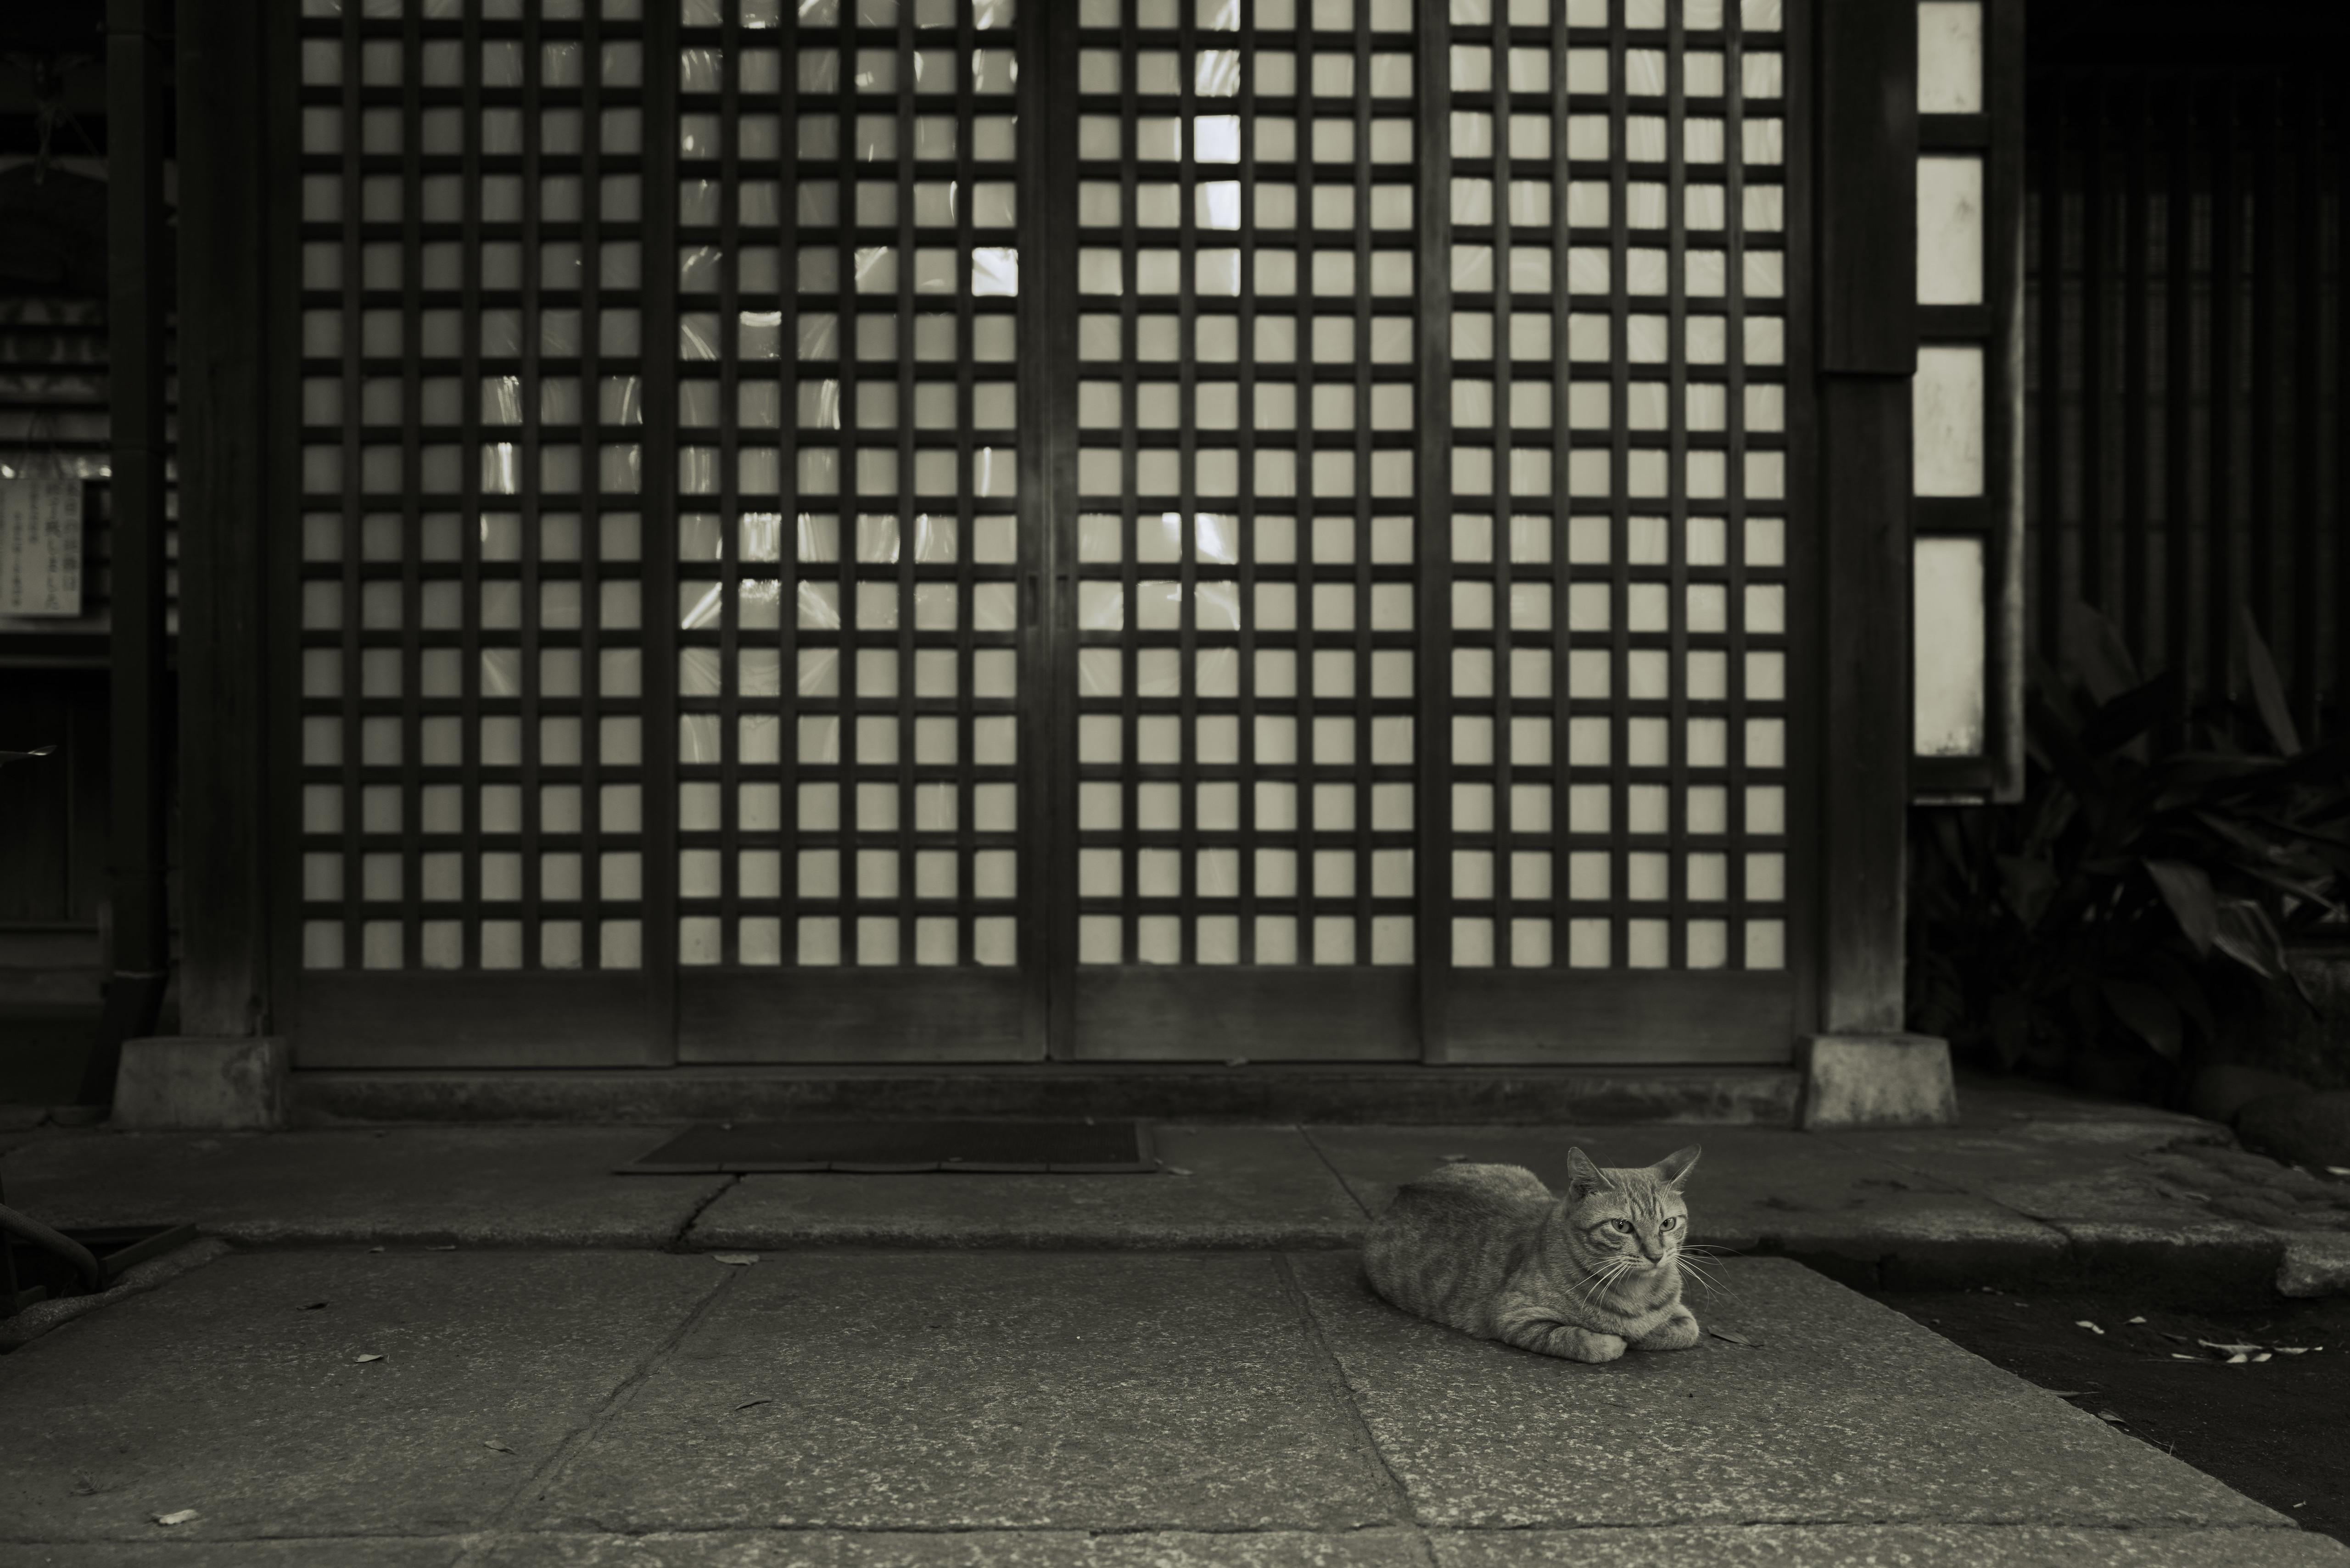 Leica Q2 Monochrome